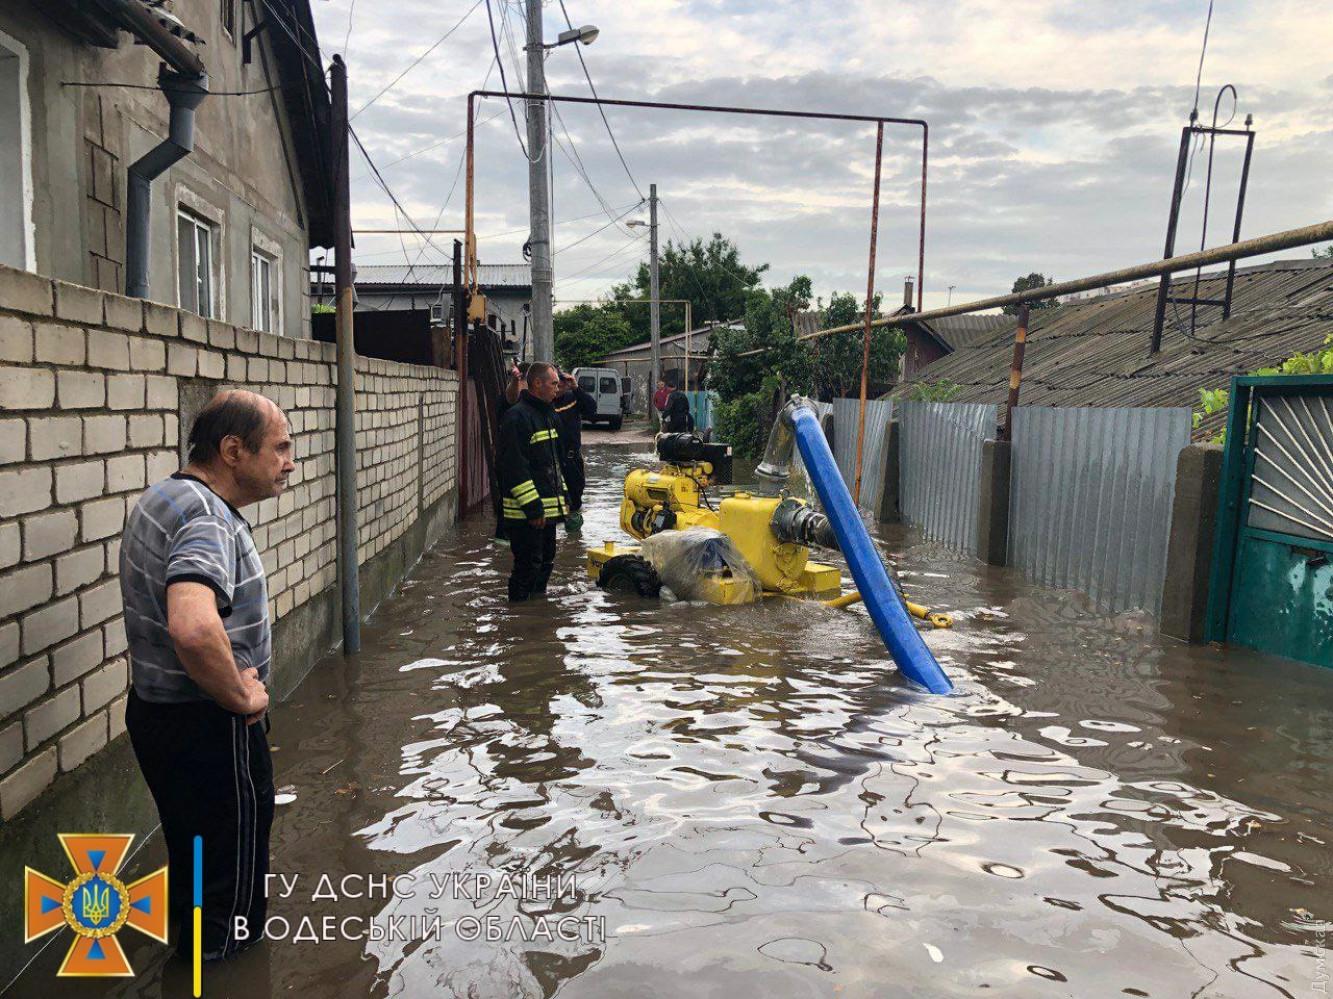 Поплыла из-за дождя: как Одесса справилась с мощнейшей непогодой (ФОТО, ВИДЕО) - фото 16